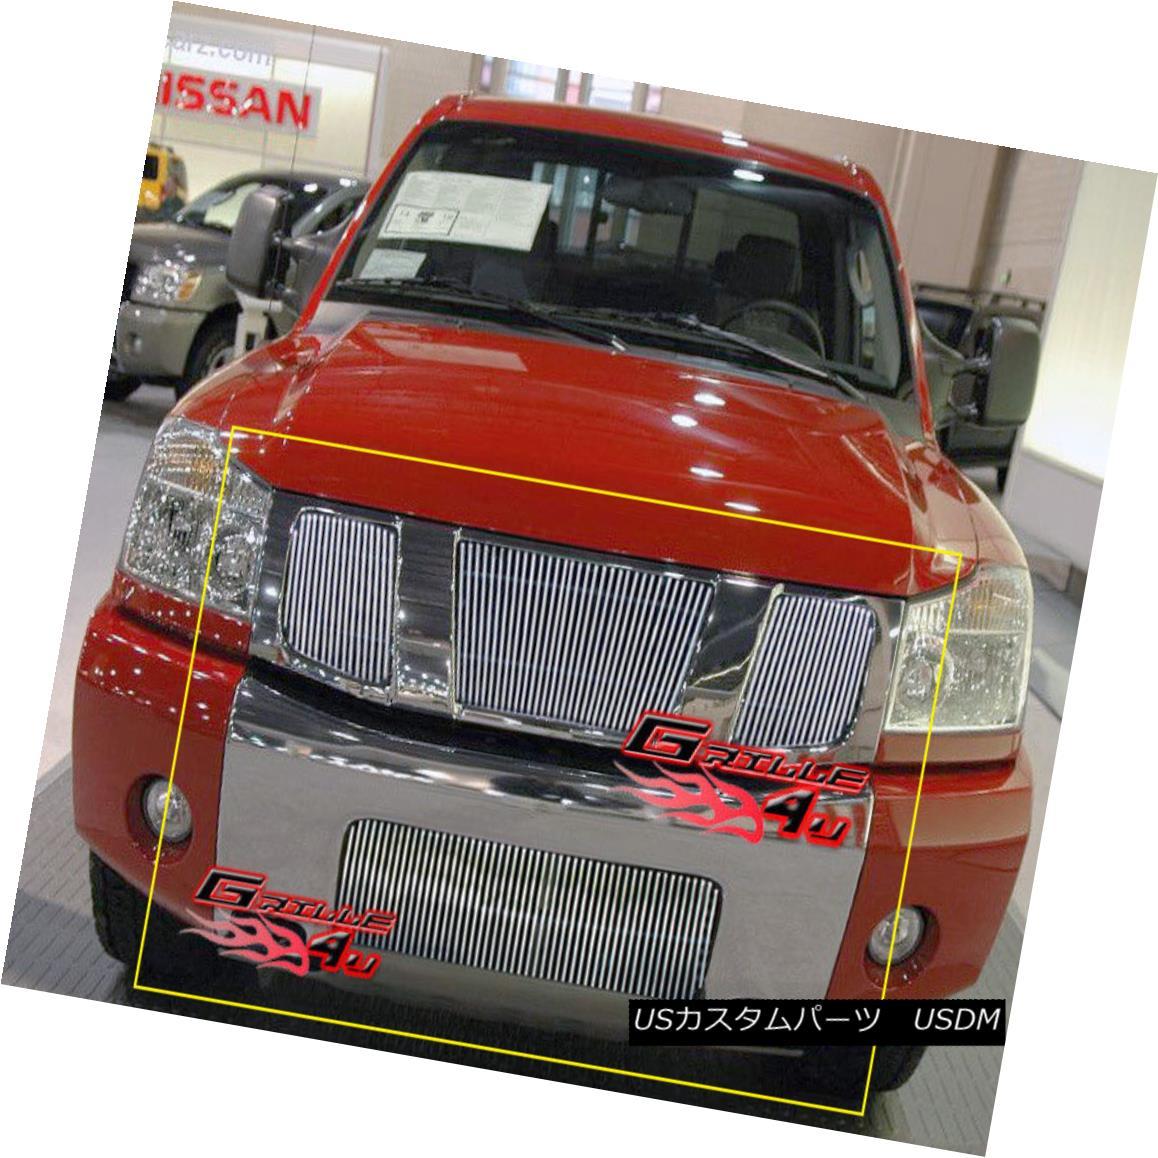 グリル Fits 04-07 Nissan Titan/Armada Vertical Billet Grille Combo フィット04-07 Nissan Titan / Armada縦型ビレットグリルコンボ